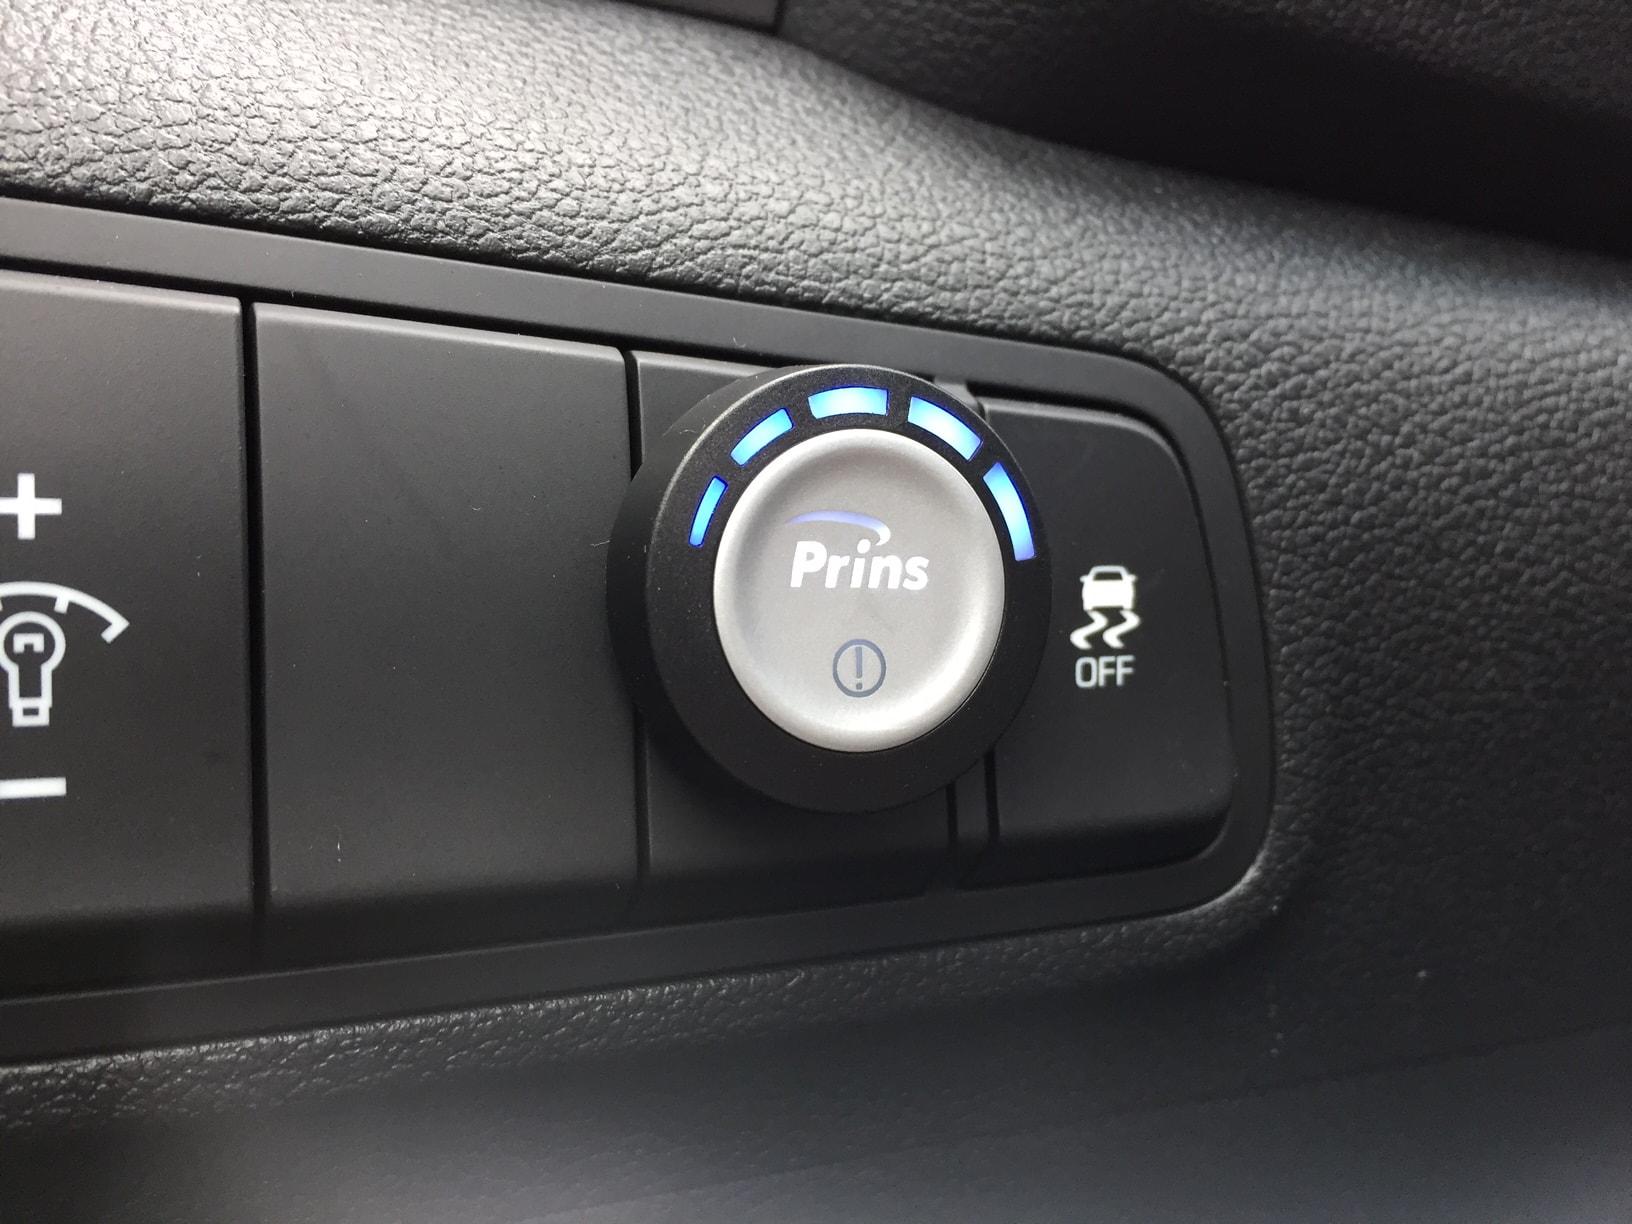 Autogas-R115-Umrüstung-auf-LPG-Autogas_Hyundai-Tucson-1,6GDI-Direkteinspritzer-Prins-DLM-Tankuhr